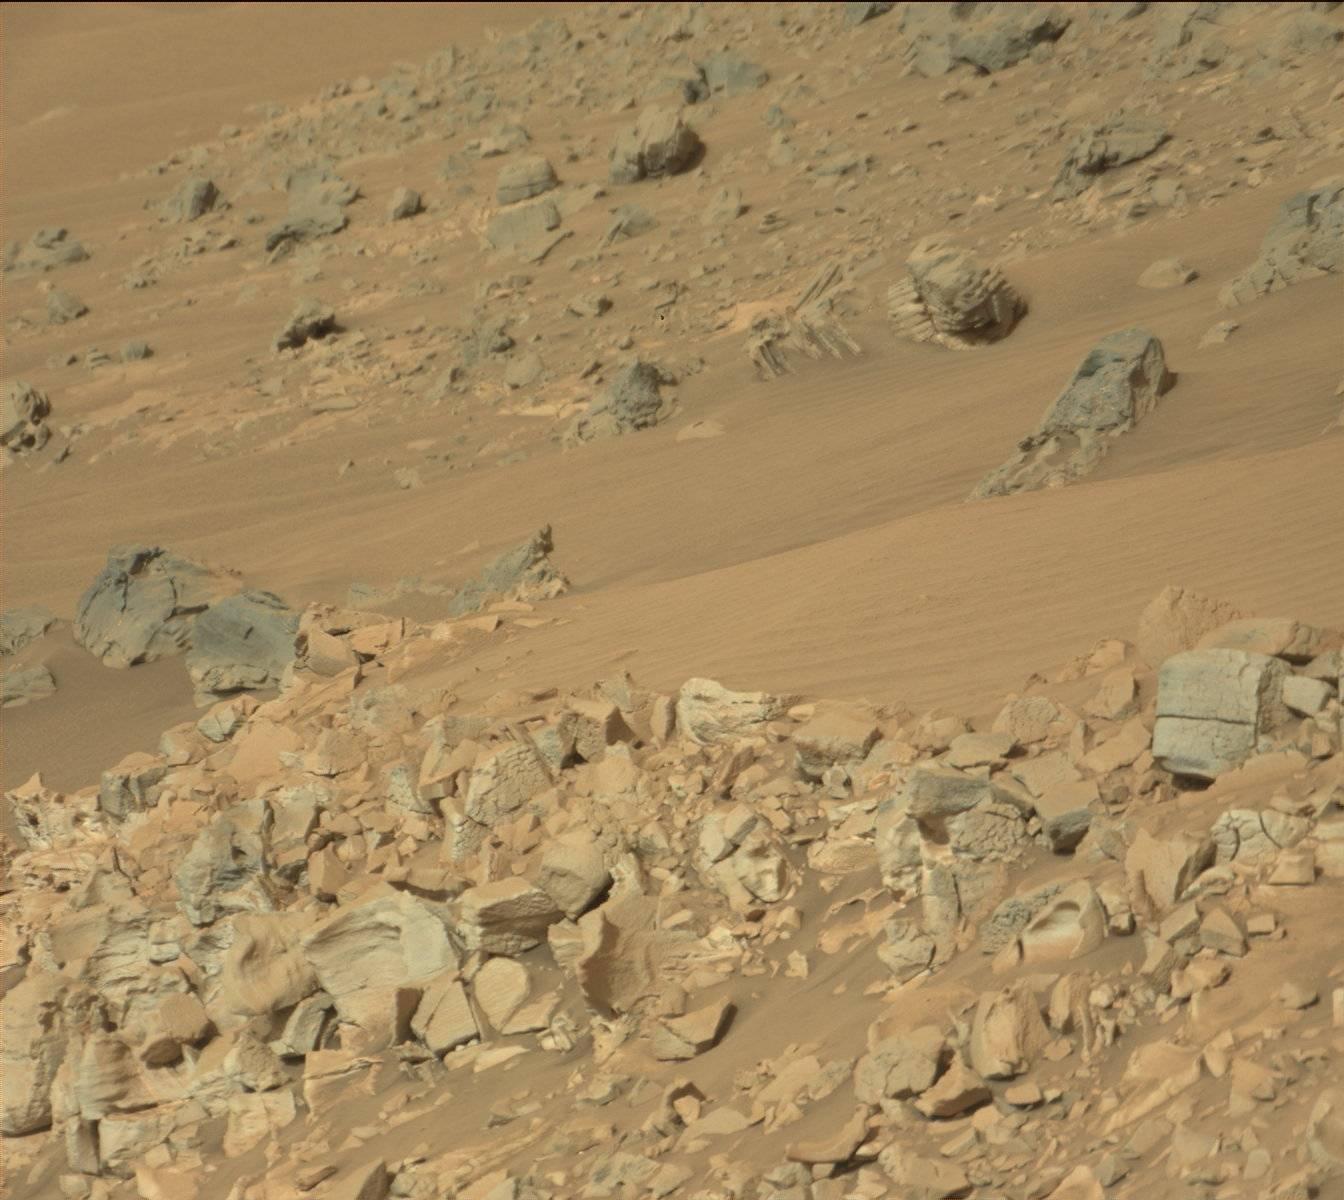 фото строения на марсе выходит окнами двор